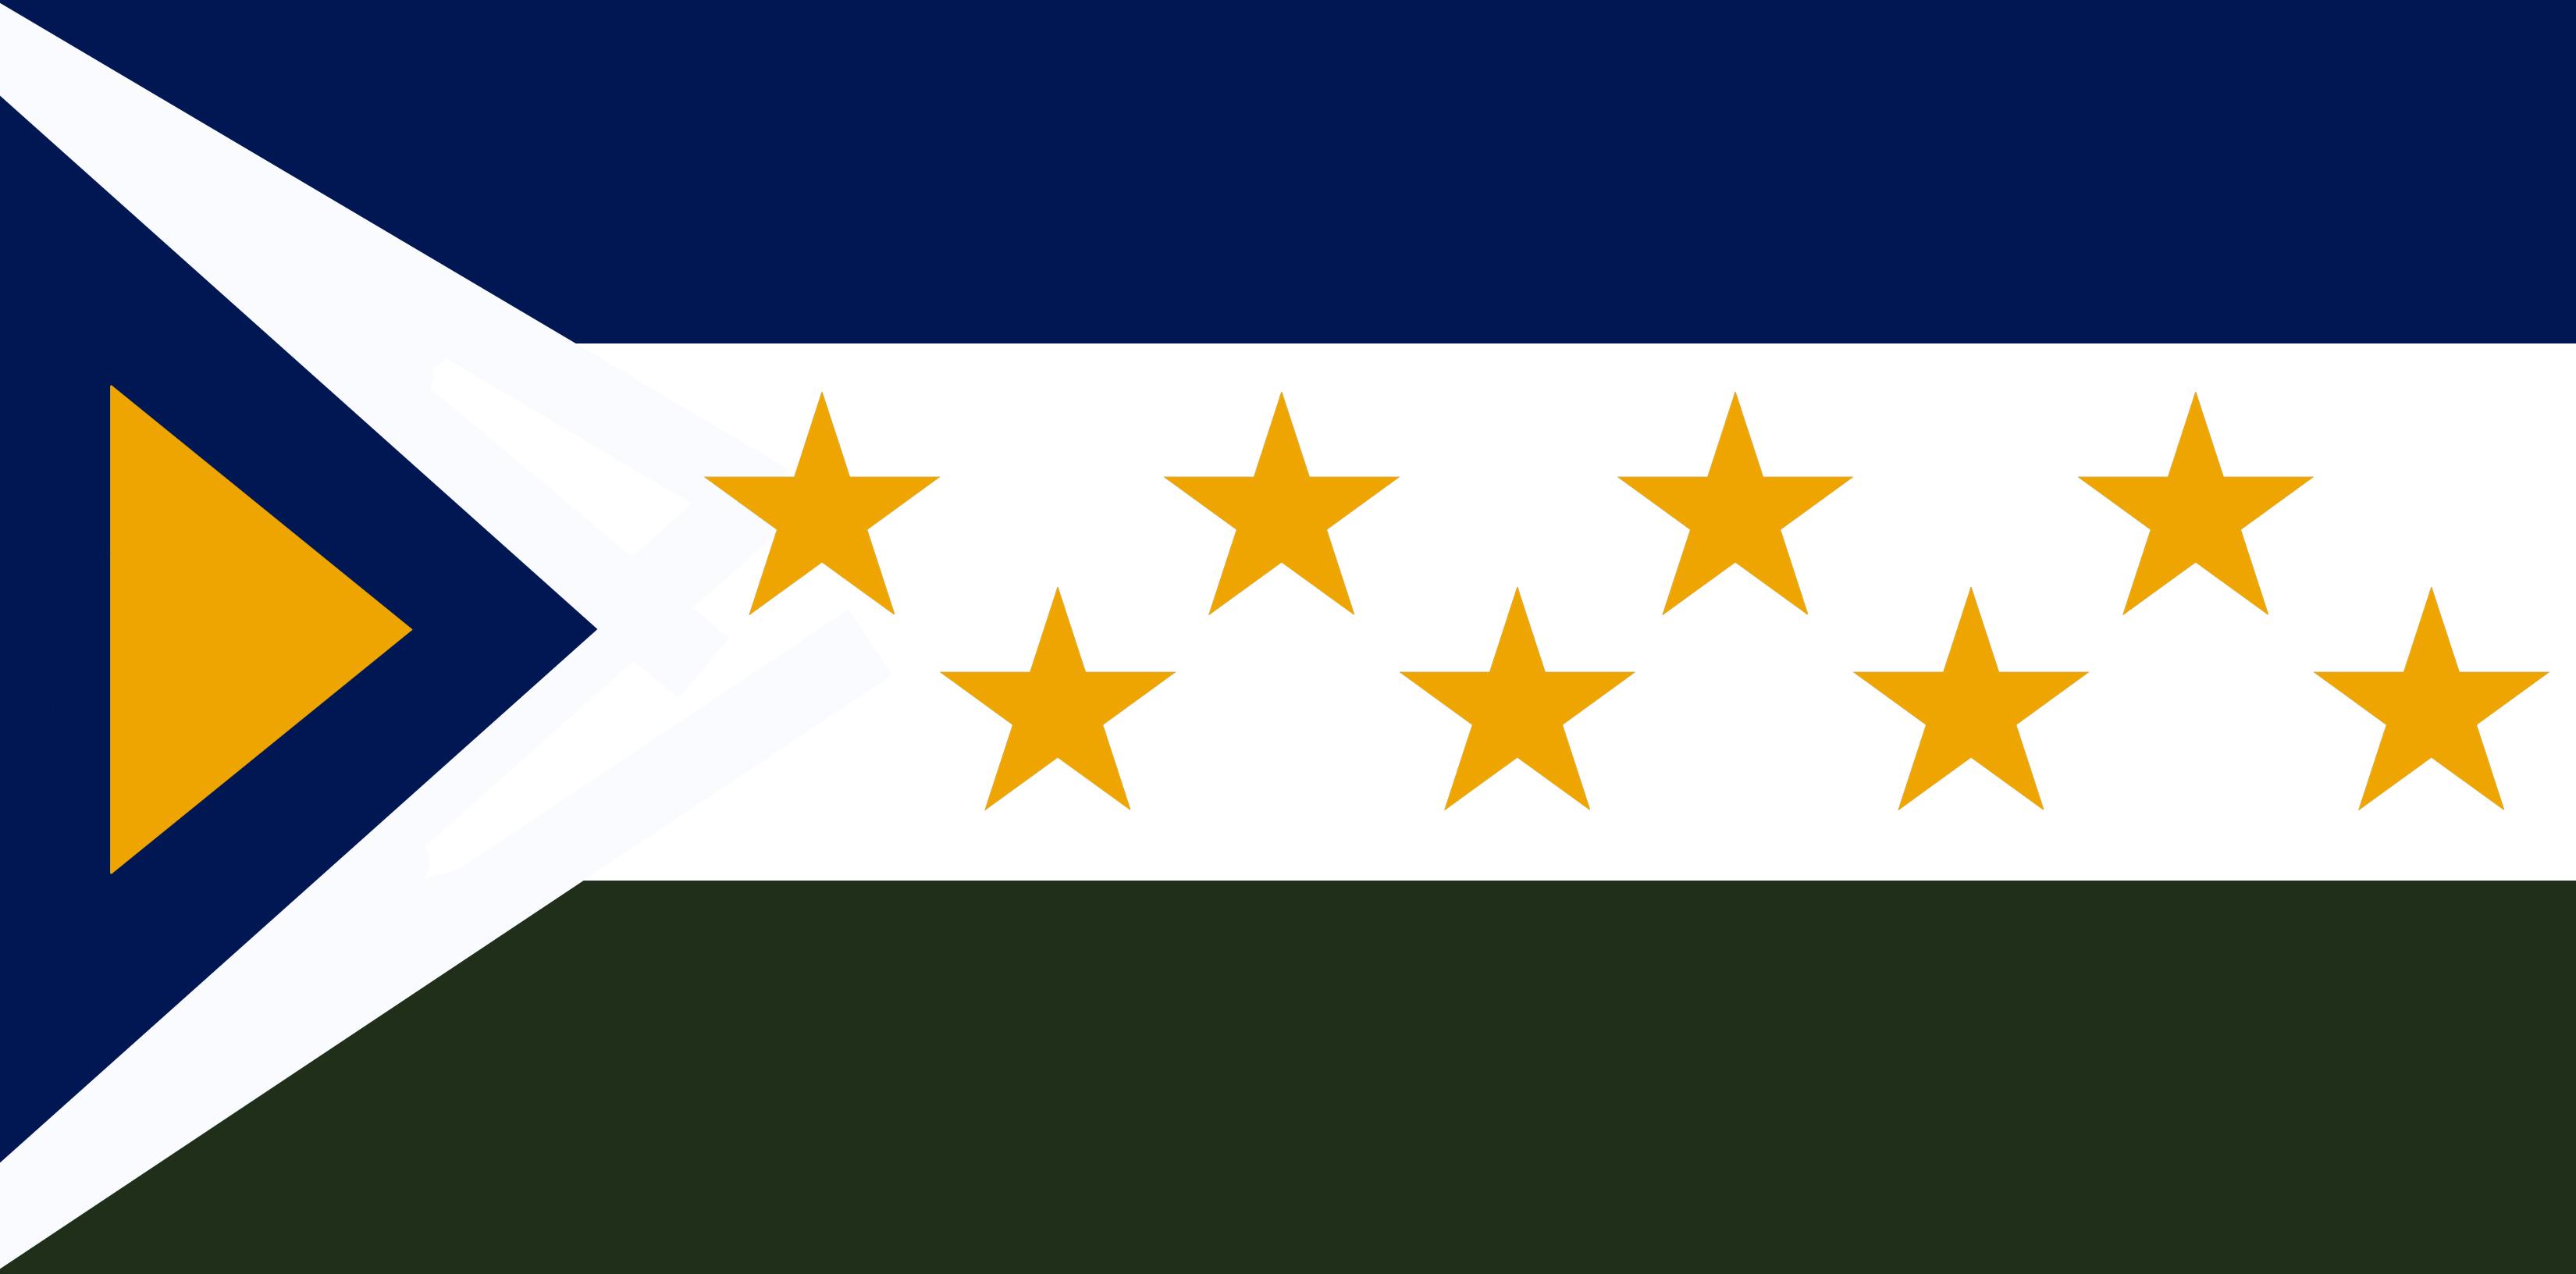 Bandera de Grecia Wikipedia File:bandera de Grecia